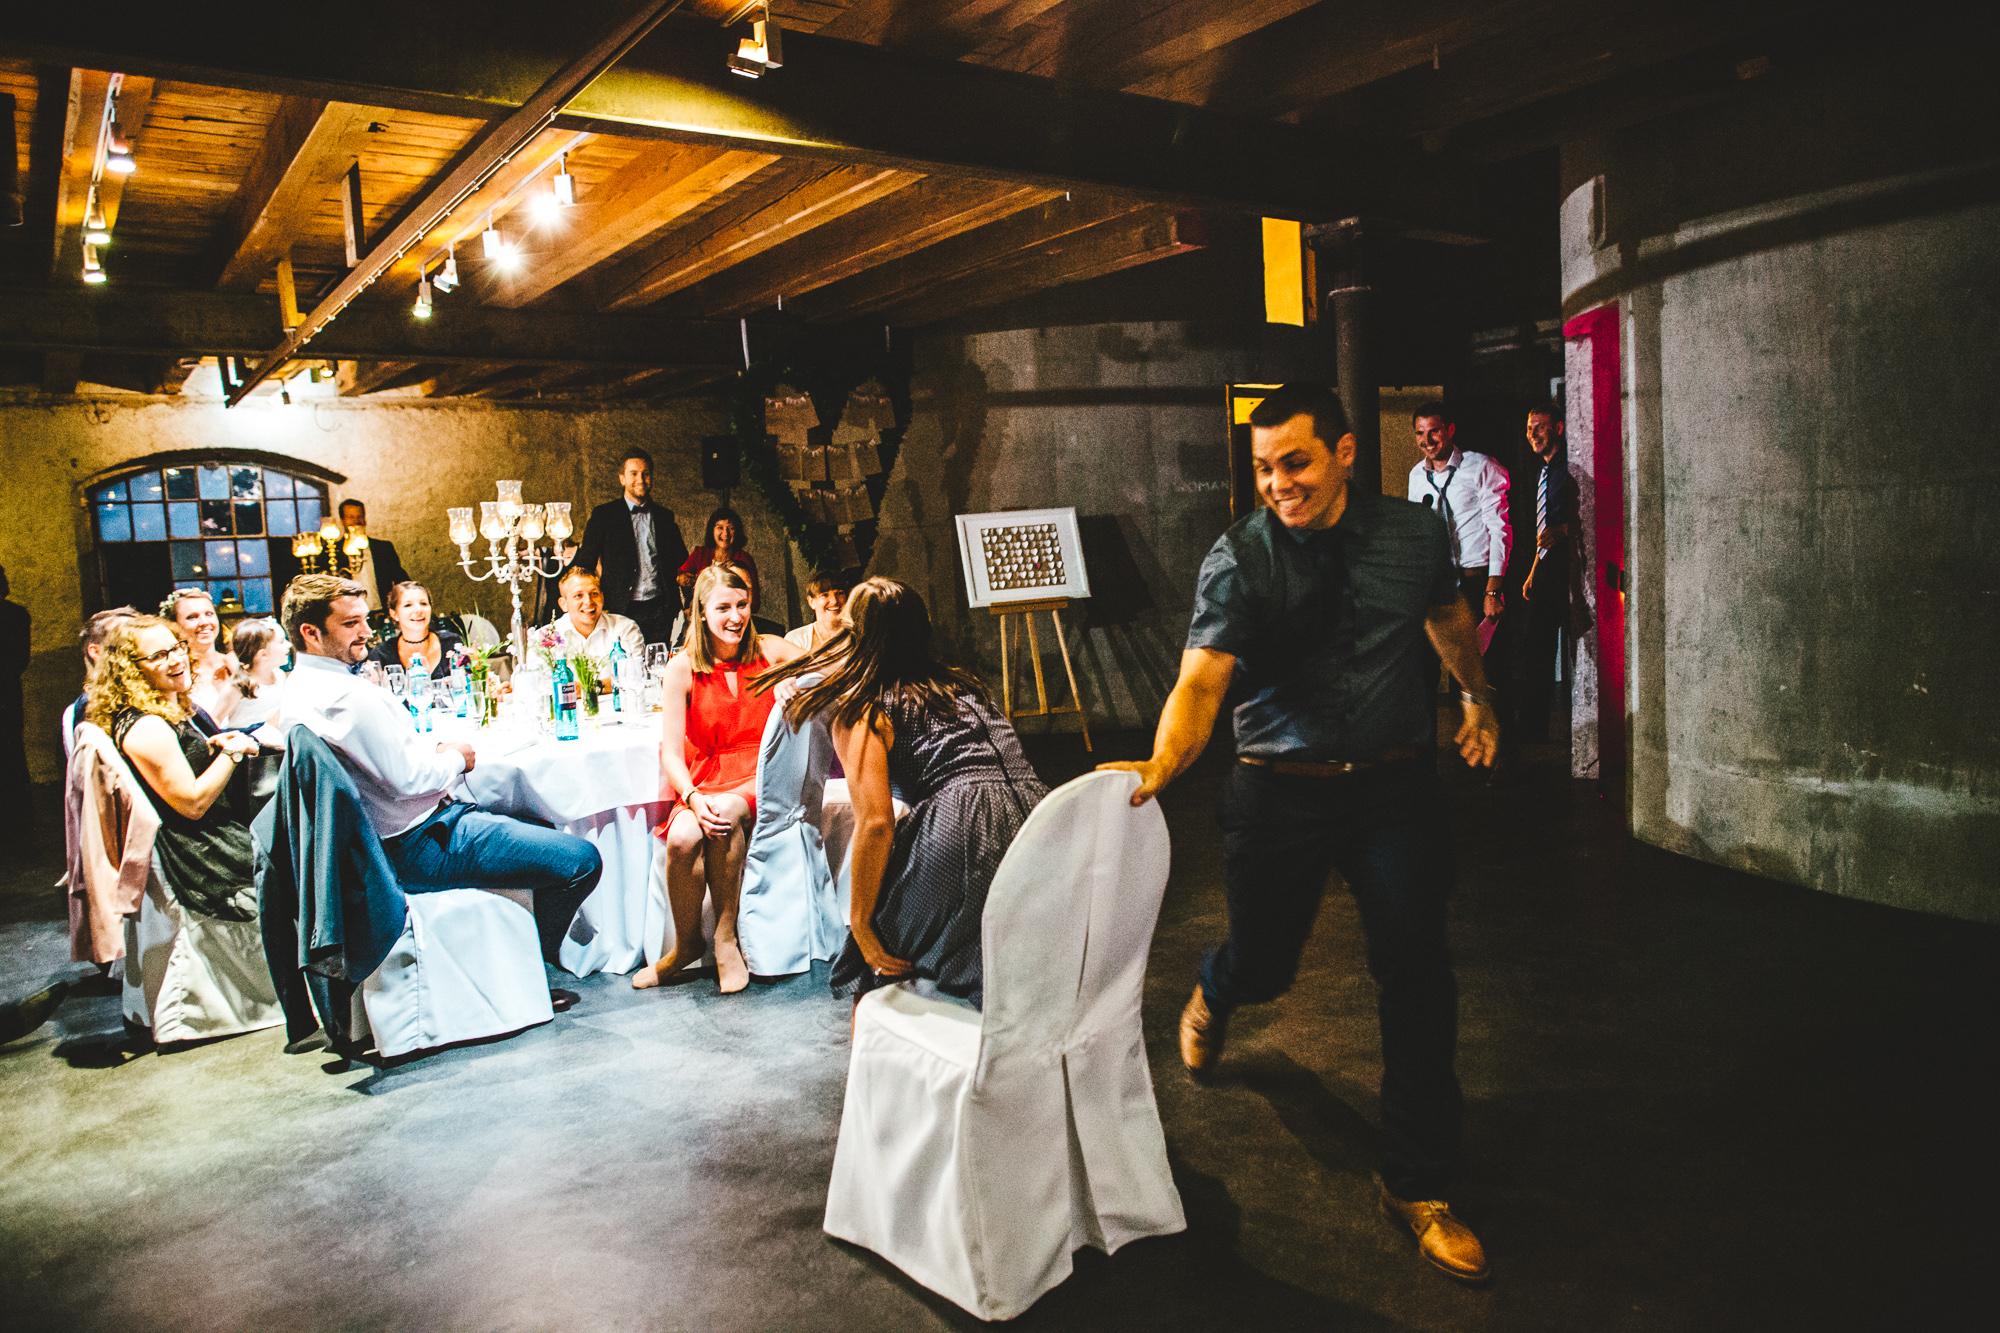 annethomas 442 - Hochzeit im wunderschönen Ladenburg in Eichenstolz